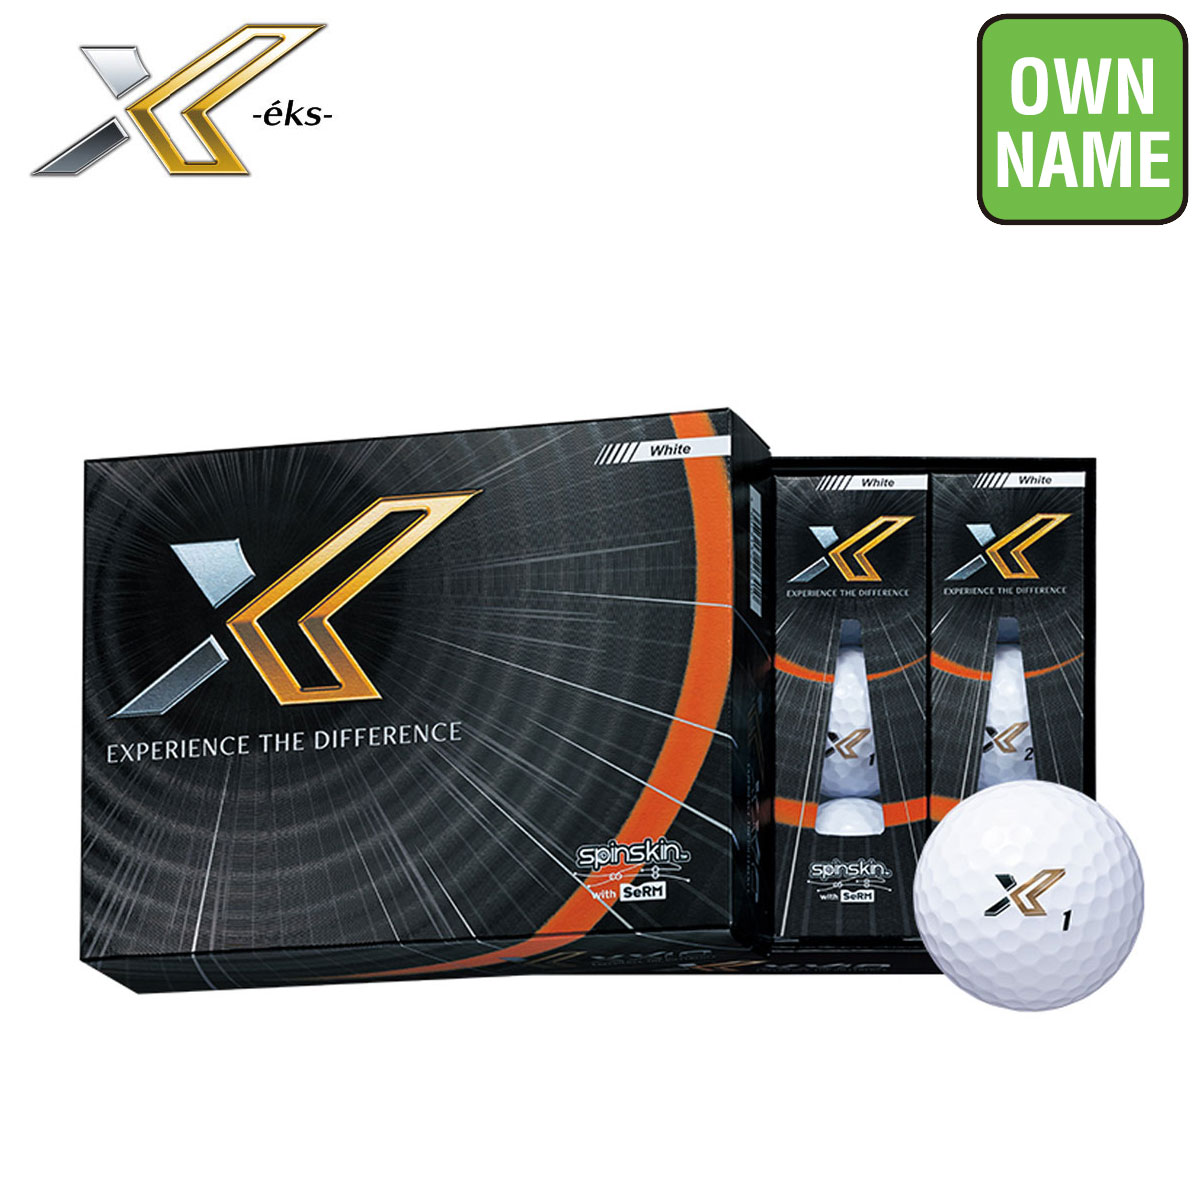 【オリジナルオンネーム3色使用】DUNLOP(ダンロップ)日本正規品 XXIO X-eks-(ゼクシオエックス) 2020新製品 ゴルフボール3ダース(36個入り)